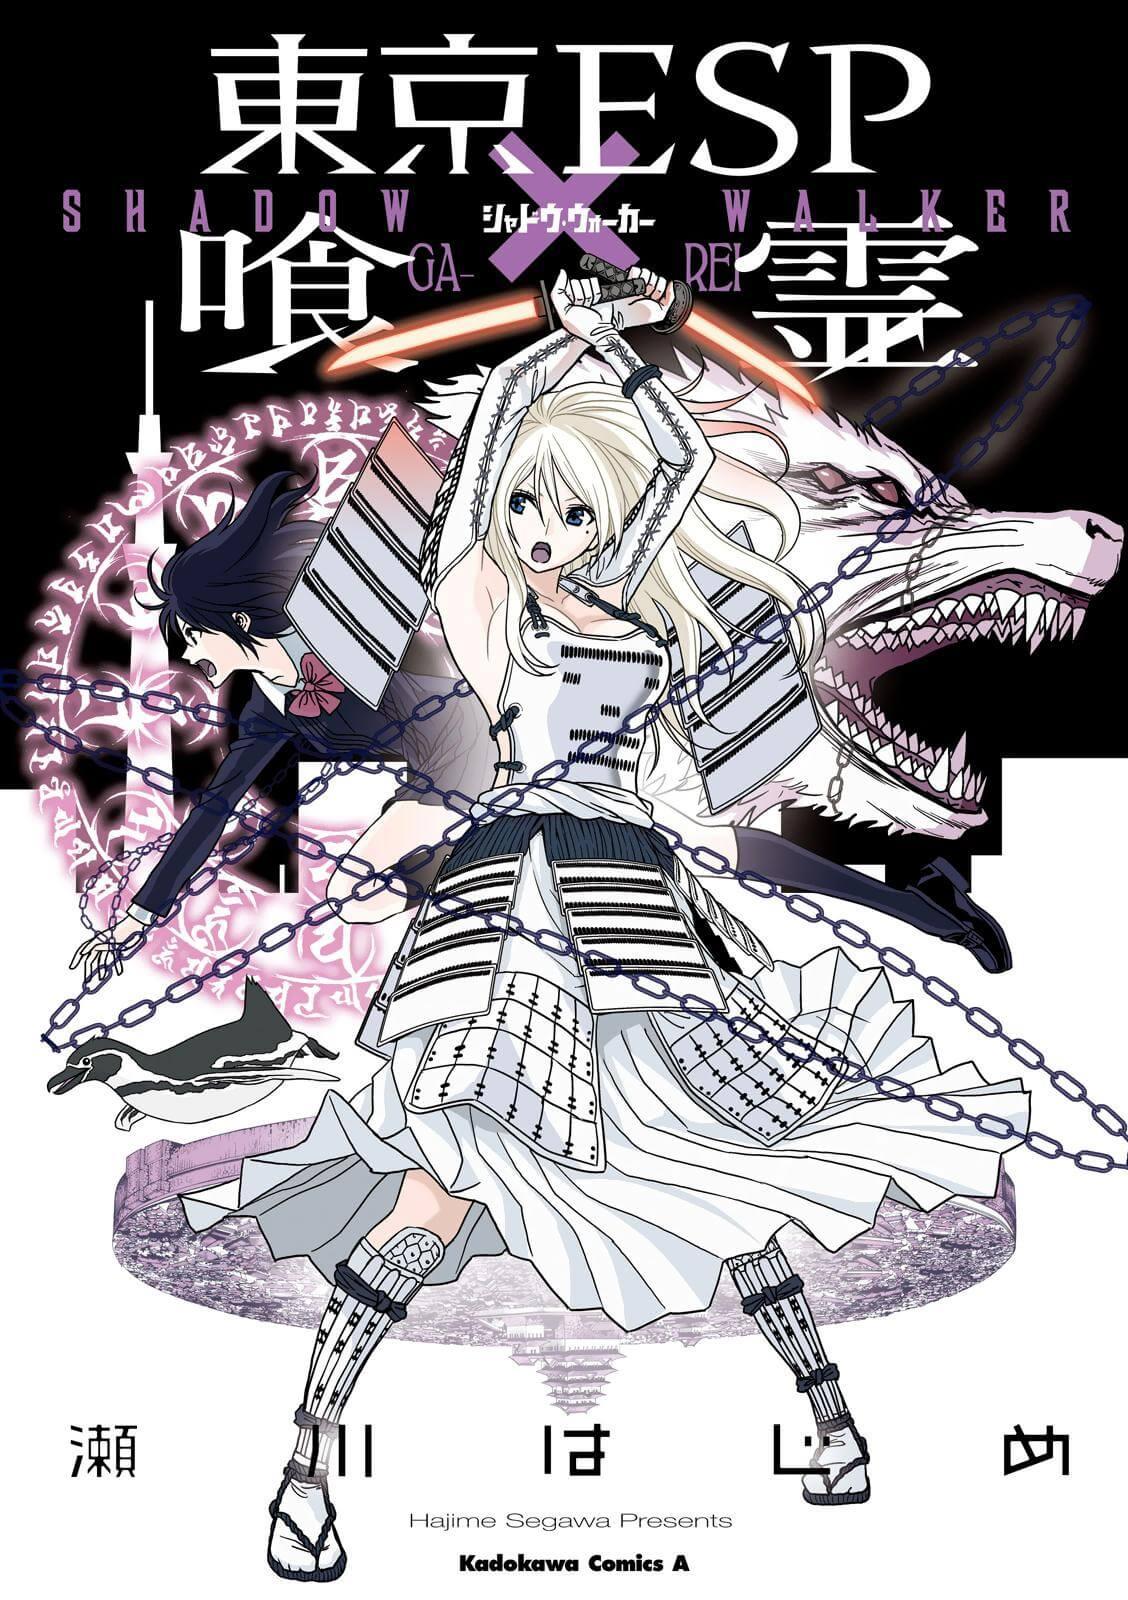 Descargar manga de Tokyo ESP x Ga-Rei - Shadow Walker en PDF por Mega y Mediafire completo en español